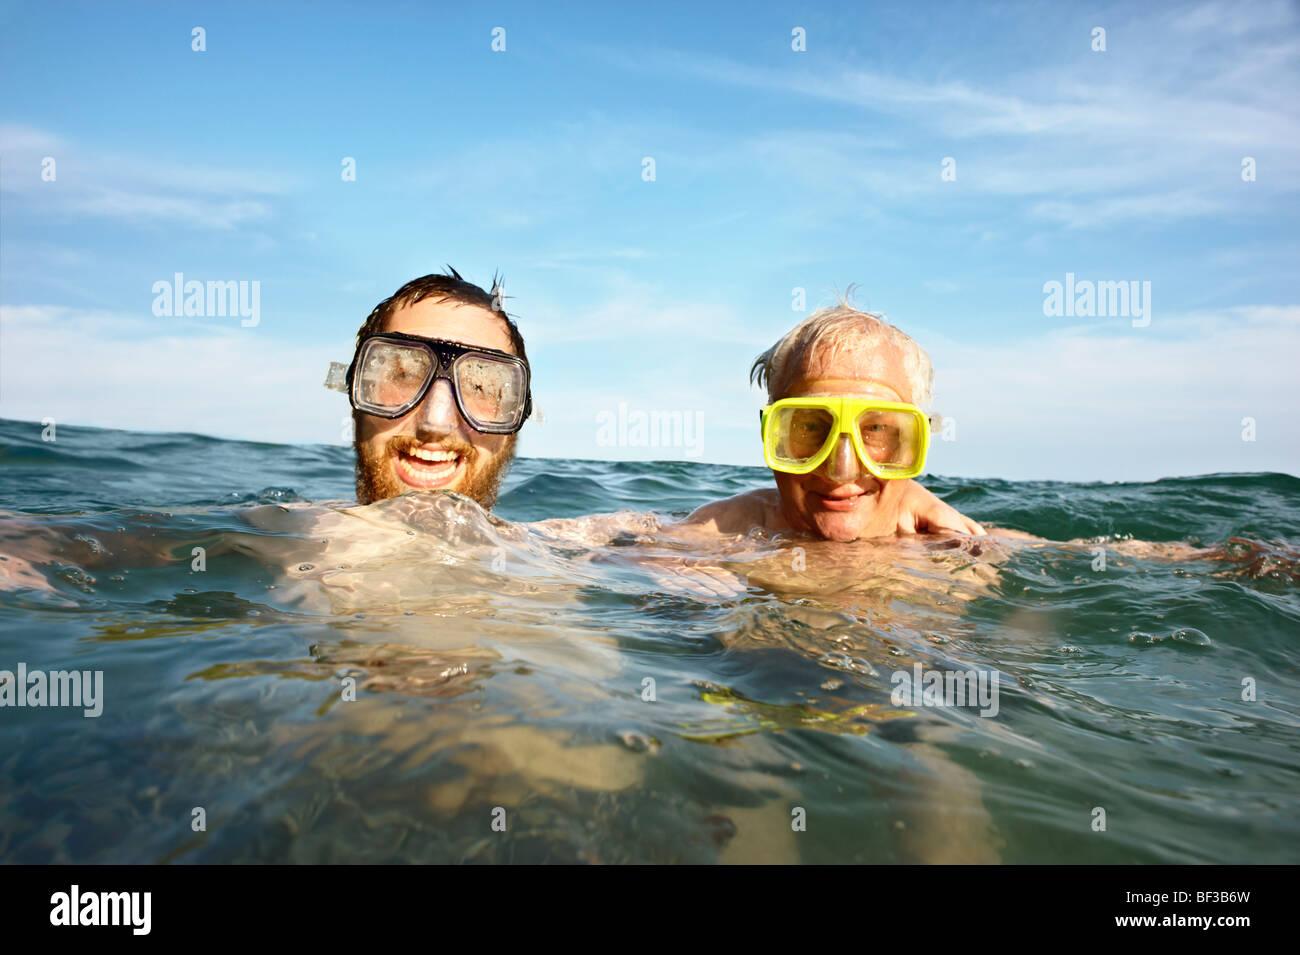 Porträt von zwei Männern, die Schwimmen im Meer Stockbild